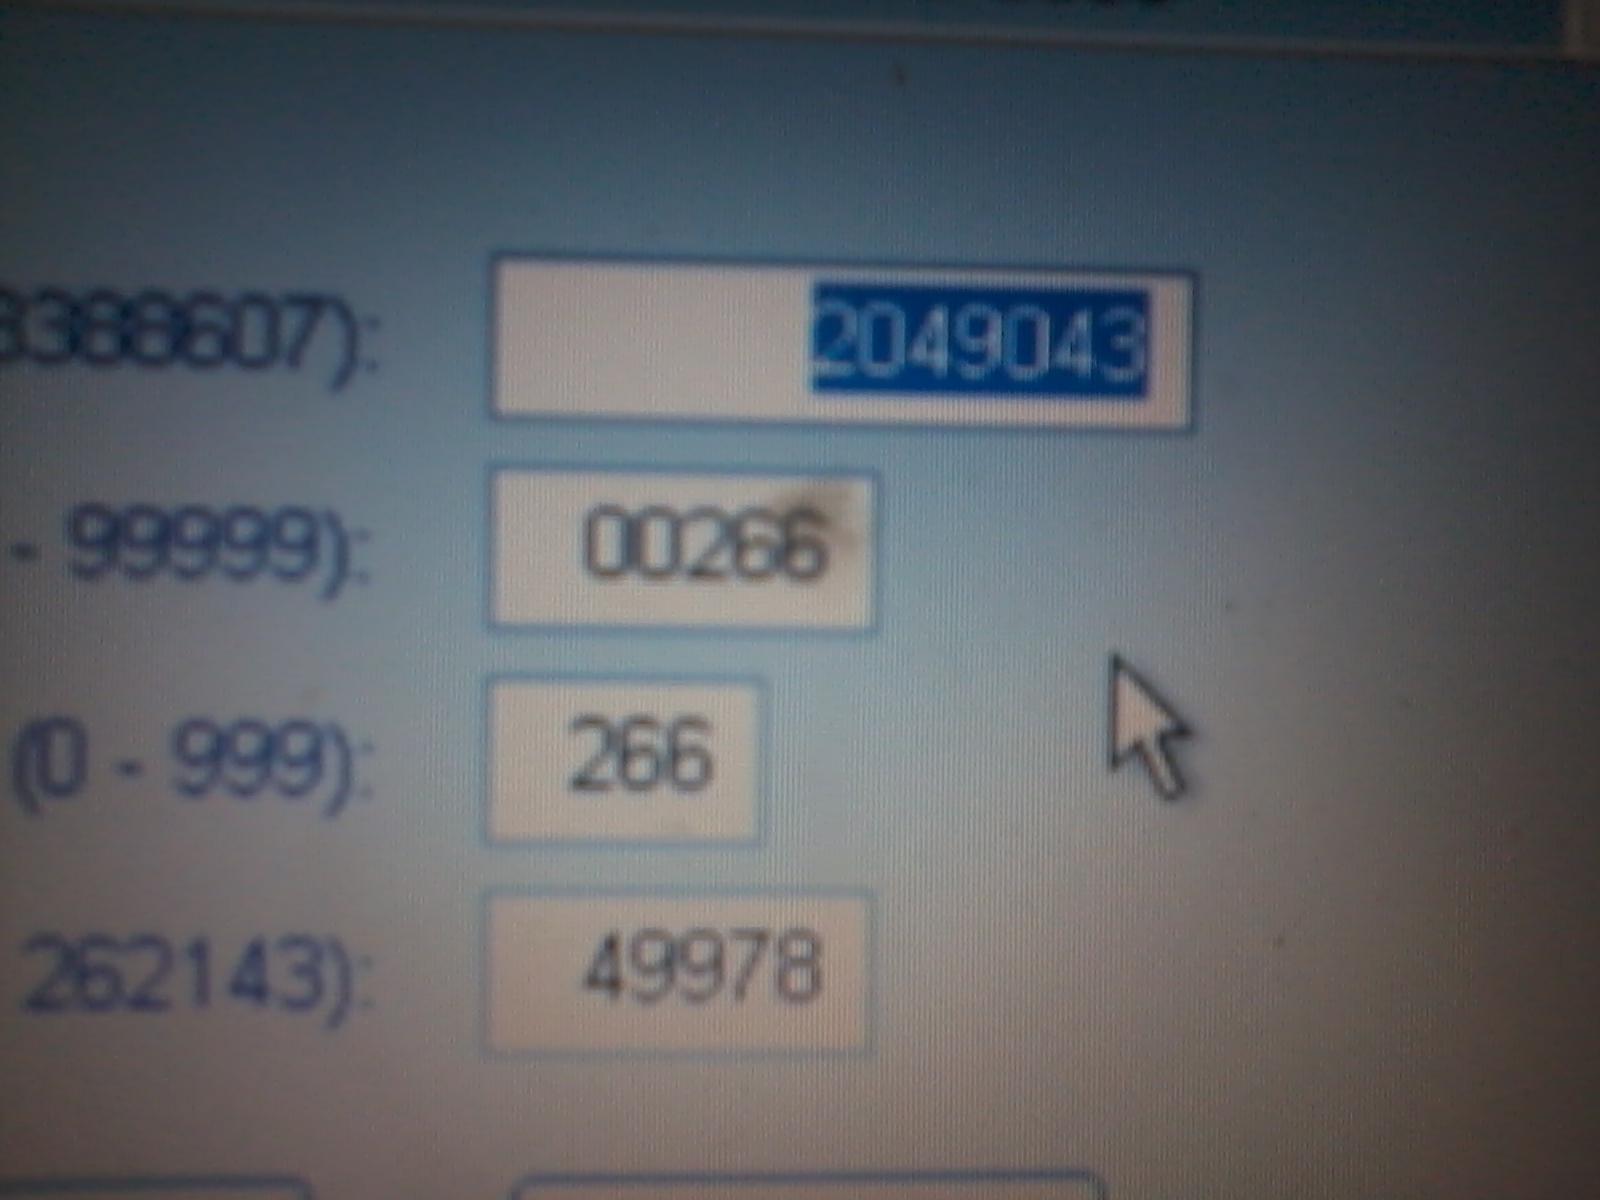 audi a6 2007 - kodowanie vcds kontrolka zuzycia klockow off